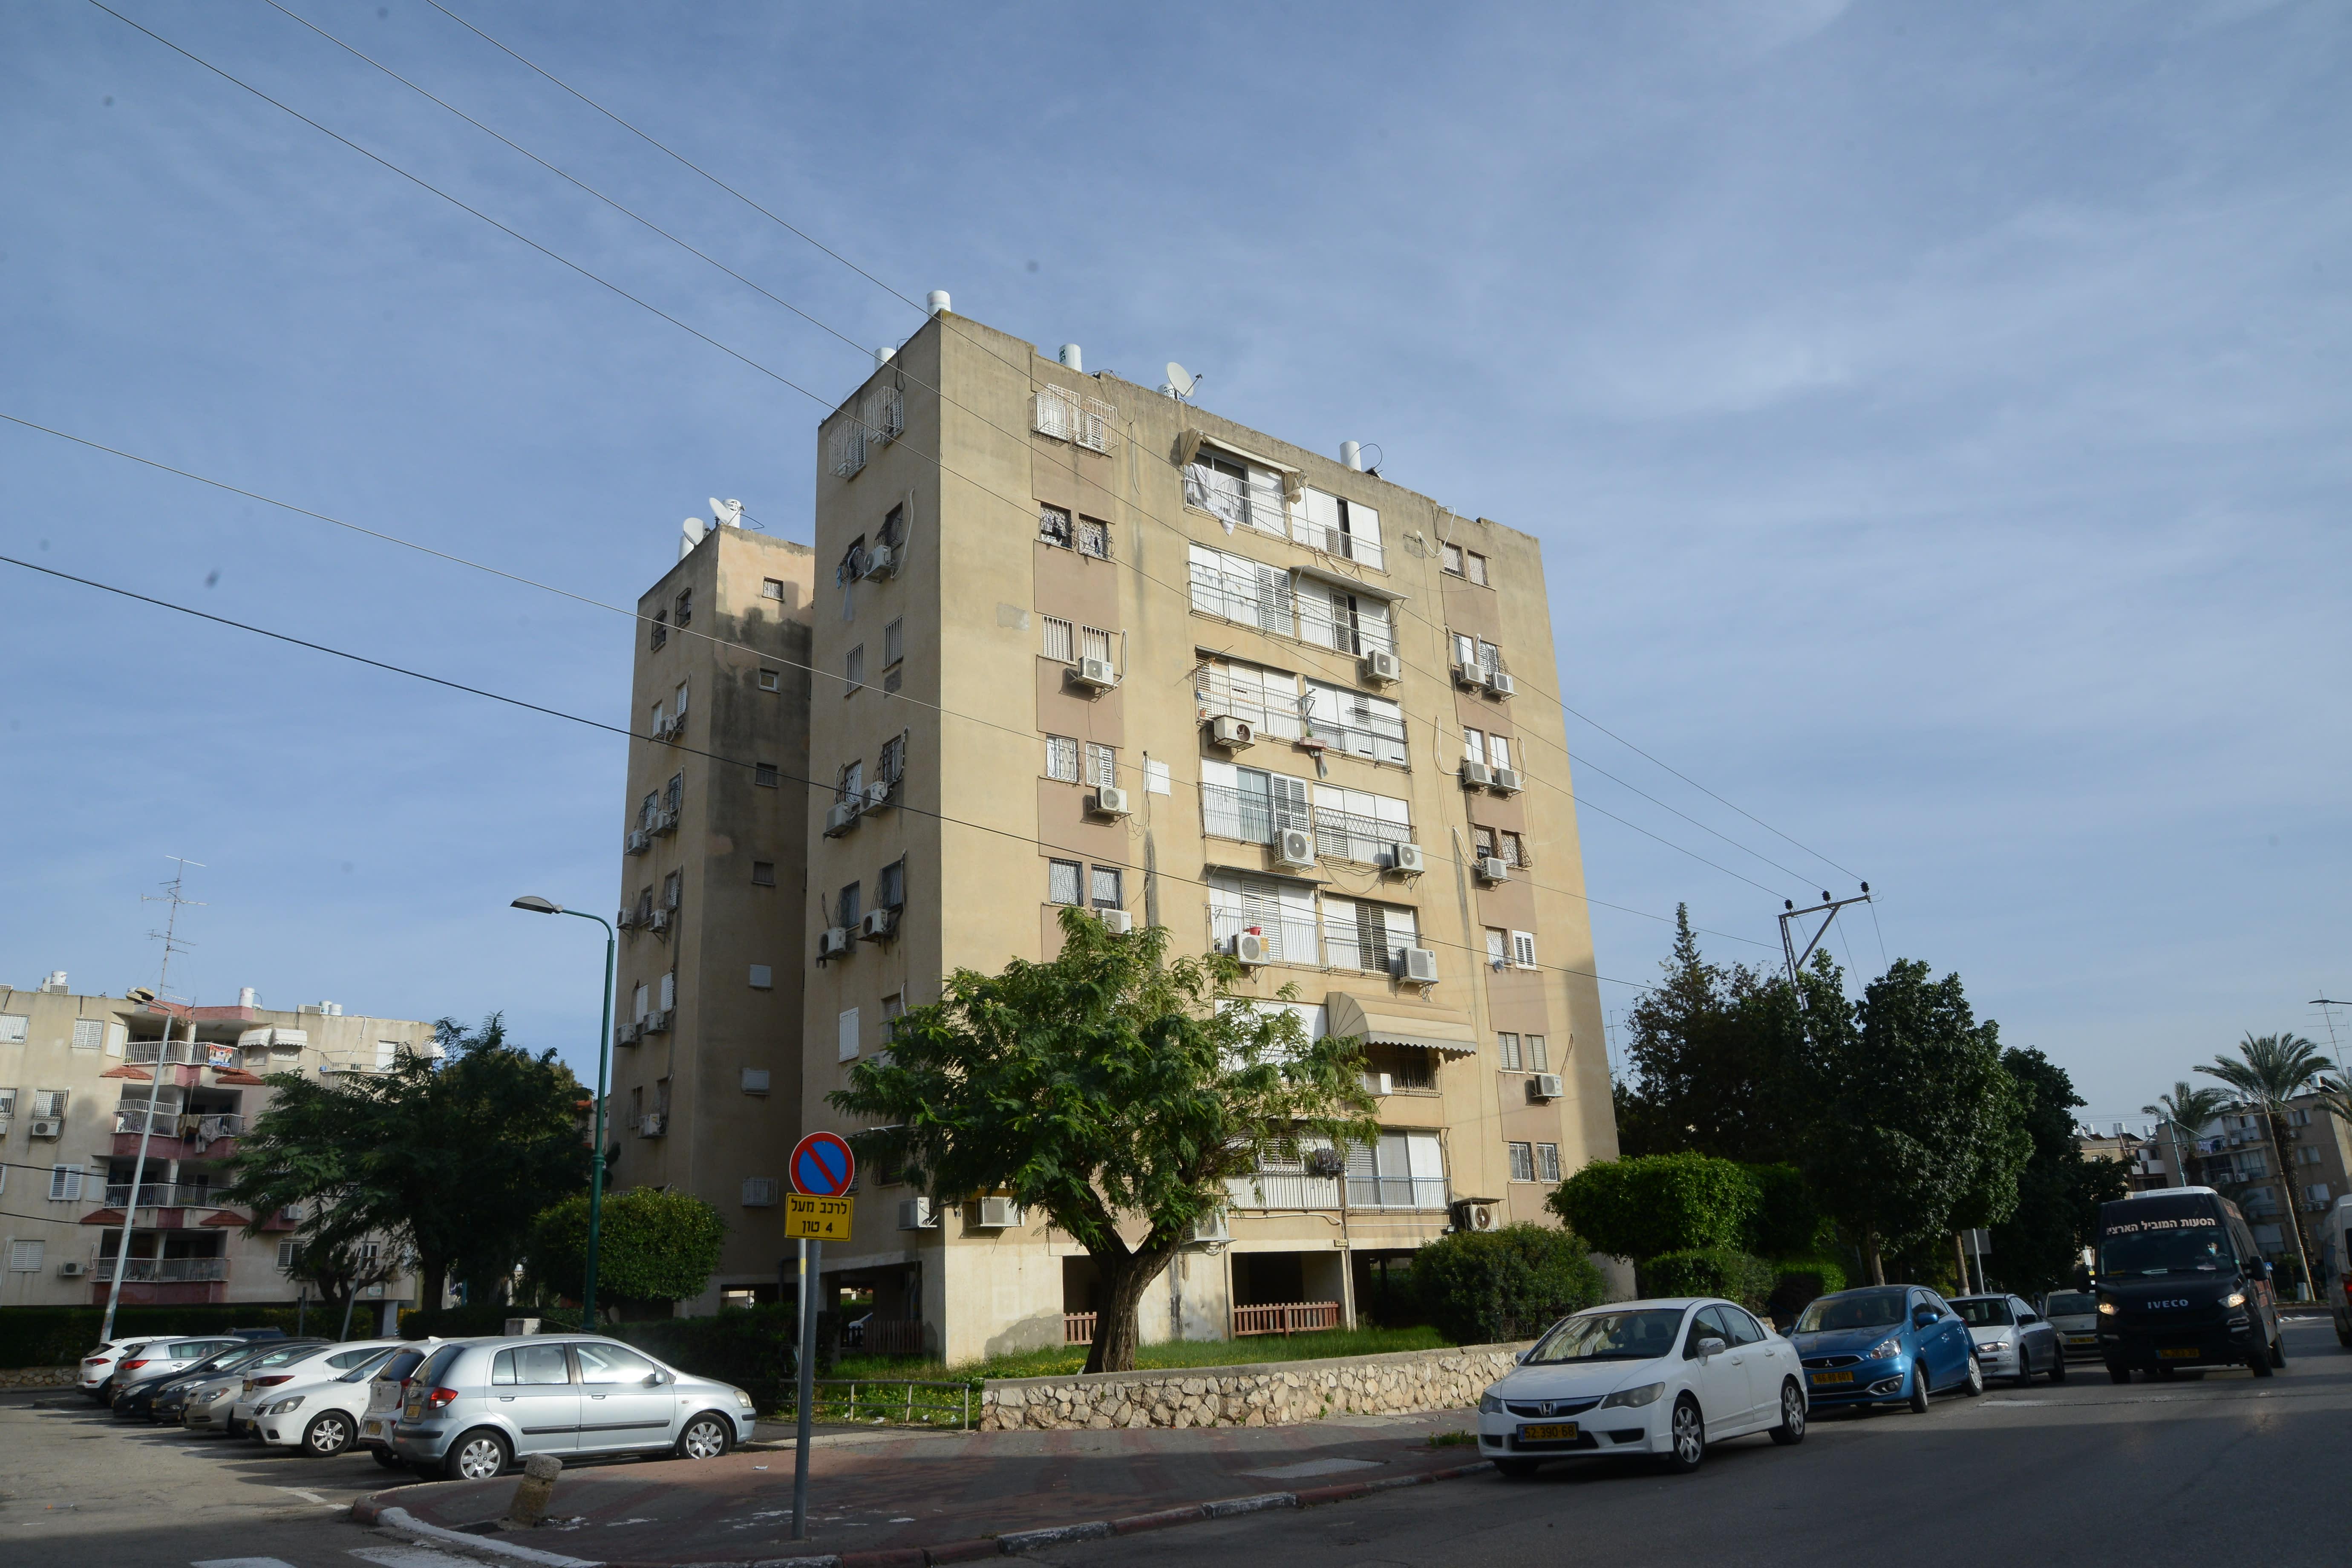 בנין רחוב יוספטל 15 רמלה / צילום: איל יצהר